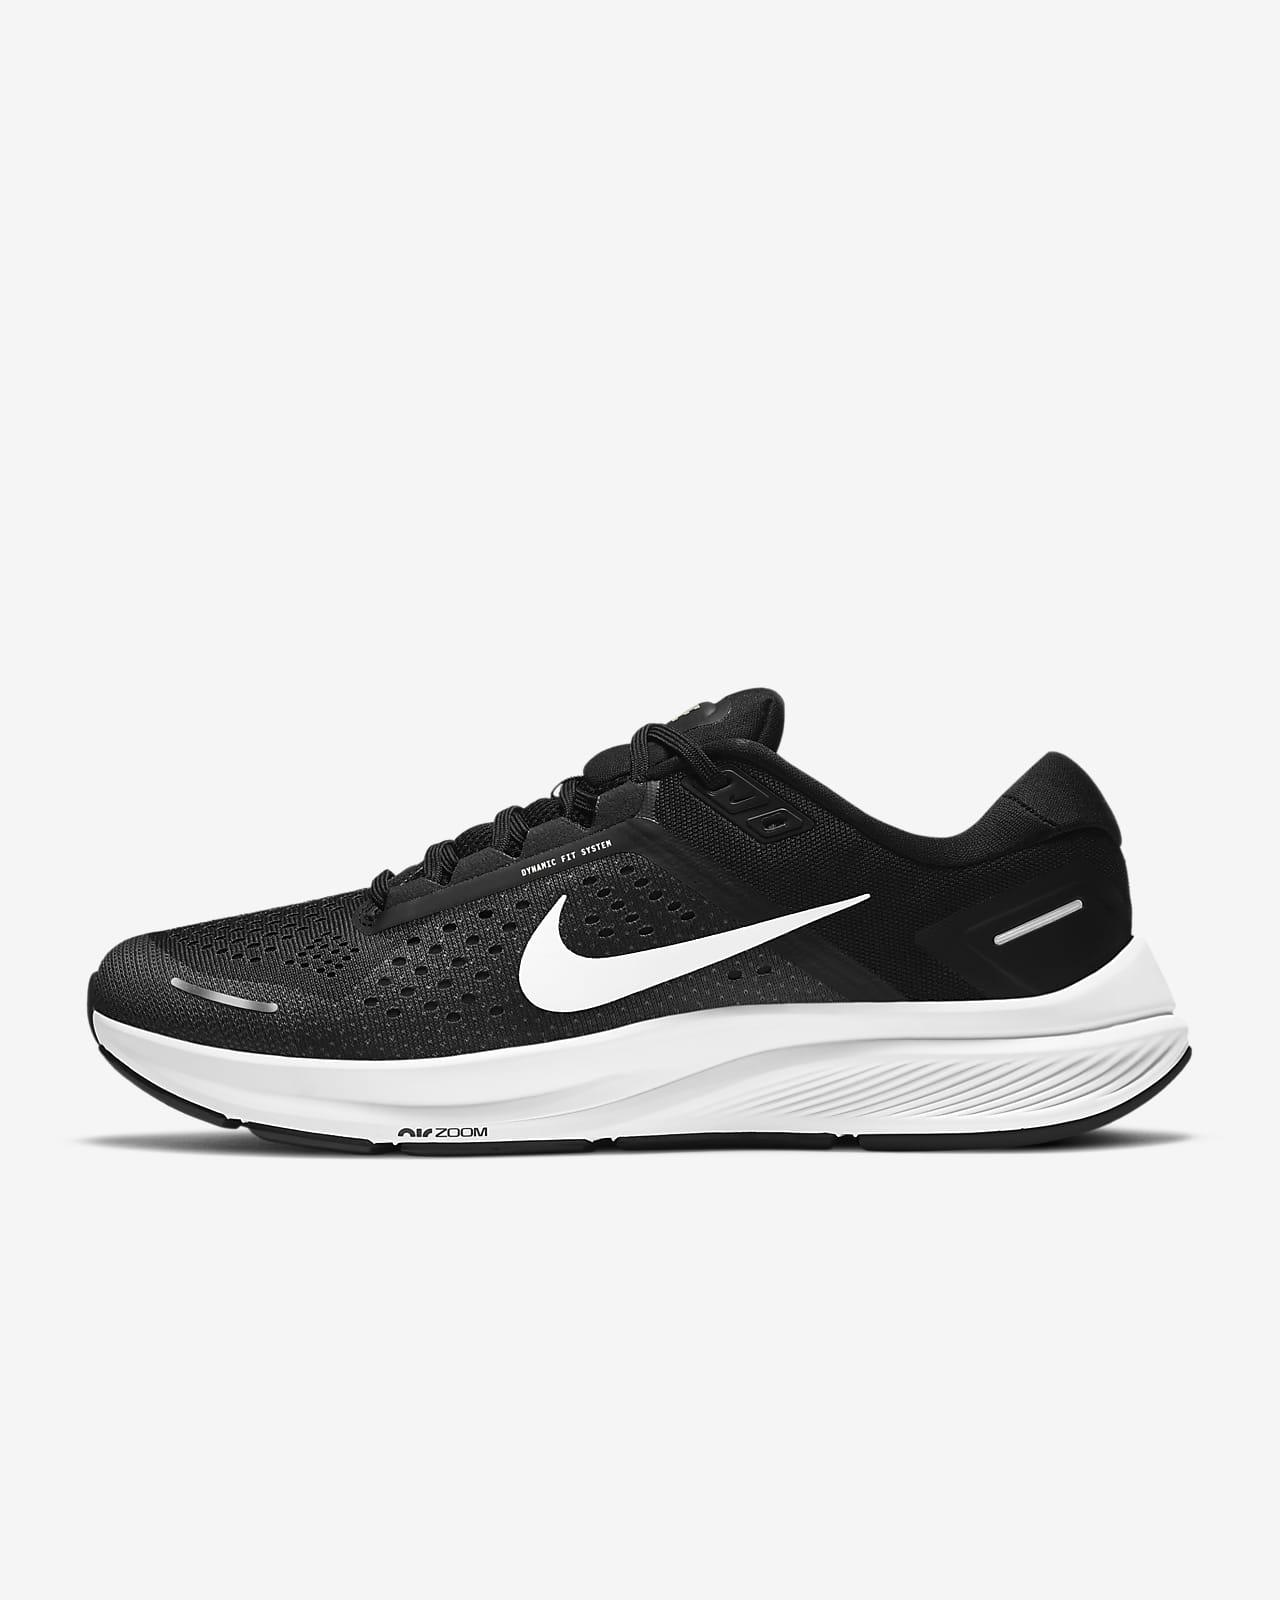 รองเท้าวิ่งผู้ชาย Nike Air Zoom Structure 23